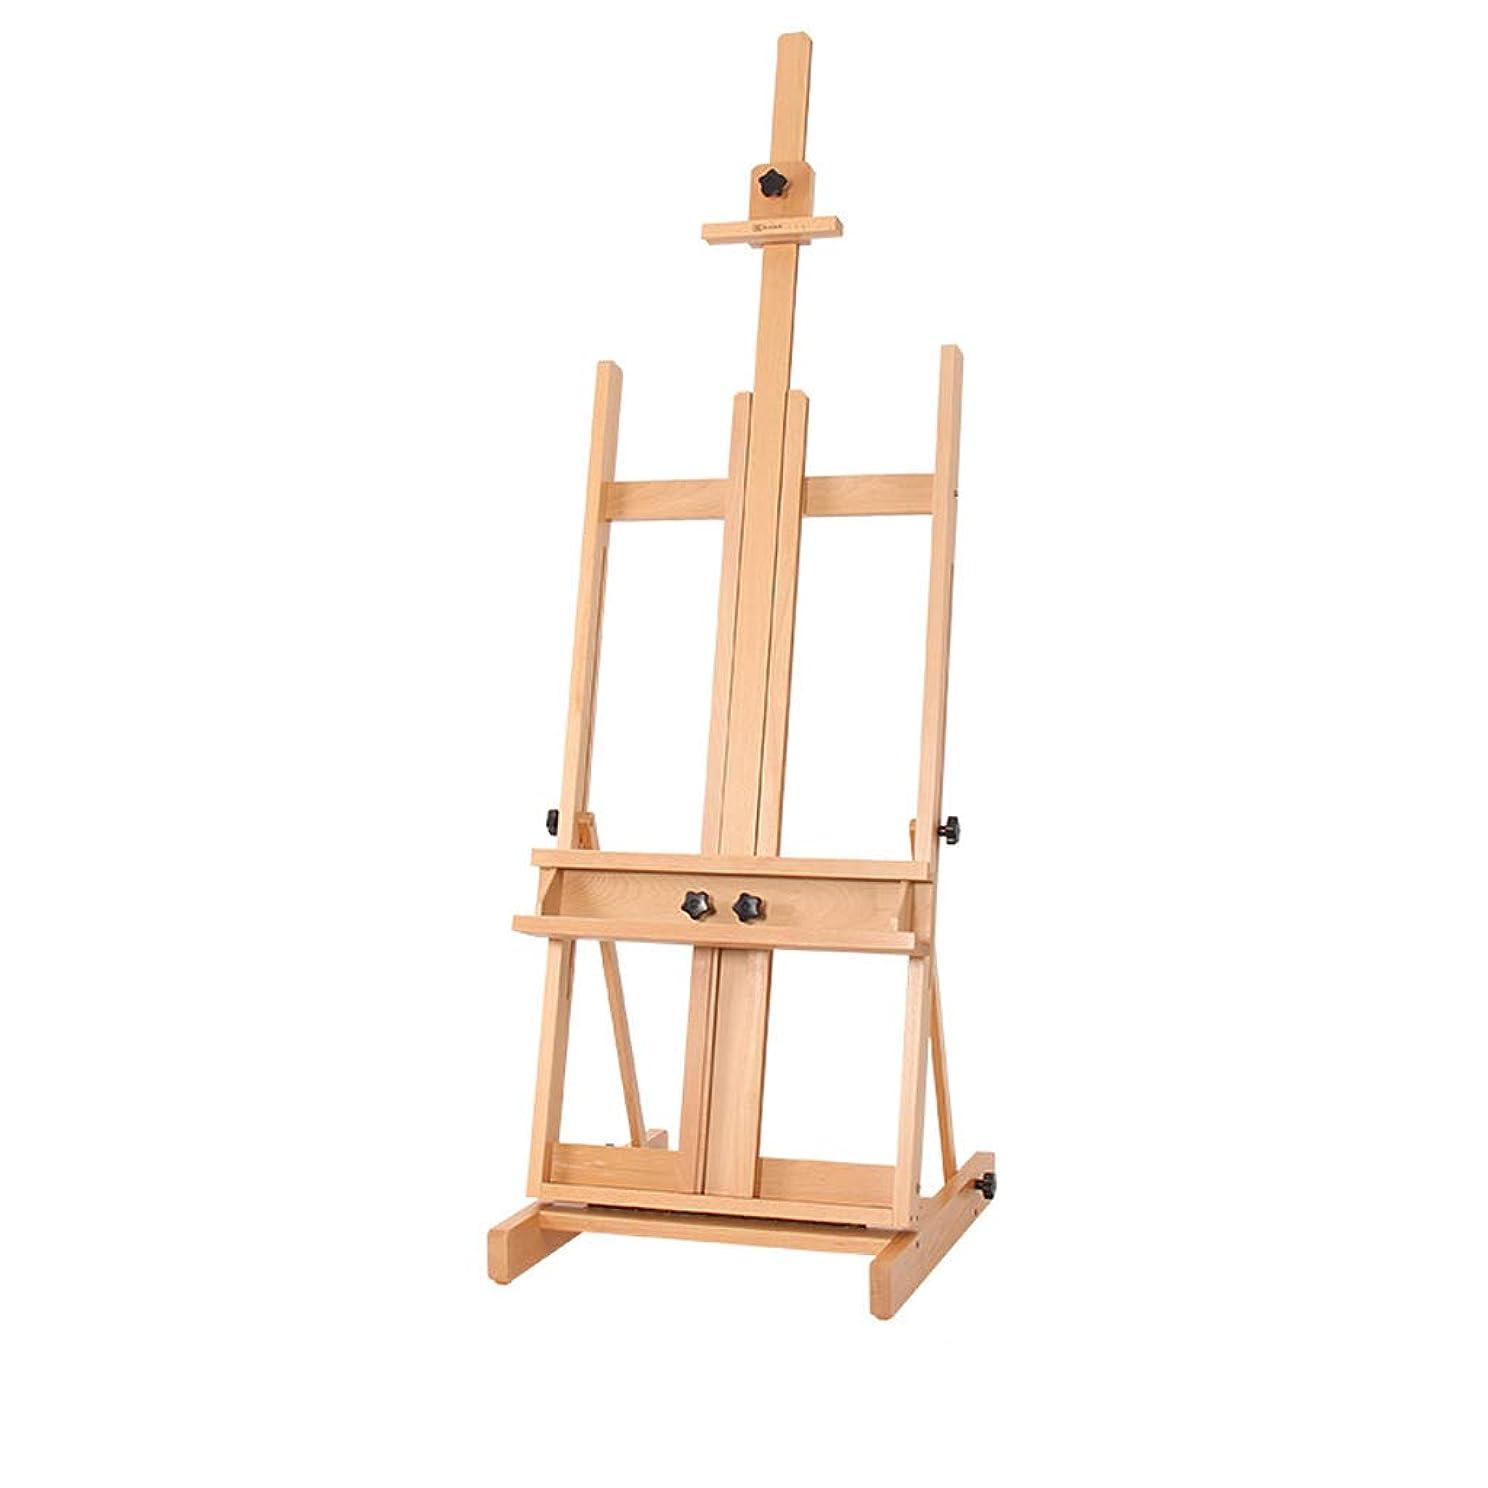 更新打倒発明GLJJQMY イーゼル純木ディスプレイスタンド木製フロアイーゼルリフトオイルイーゼル三脚 イーゼル (Color : A)